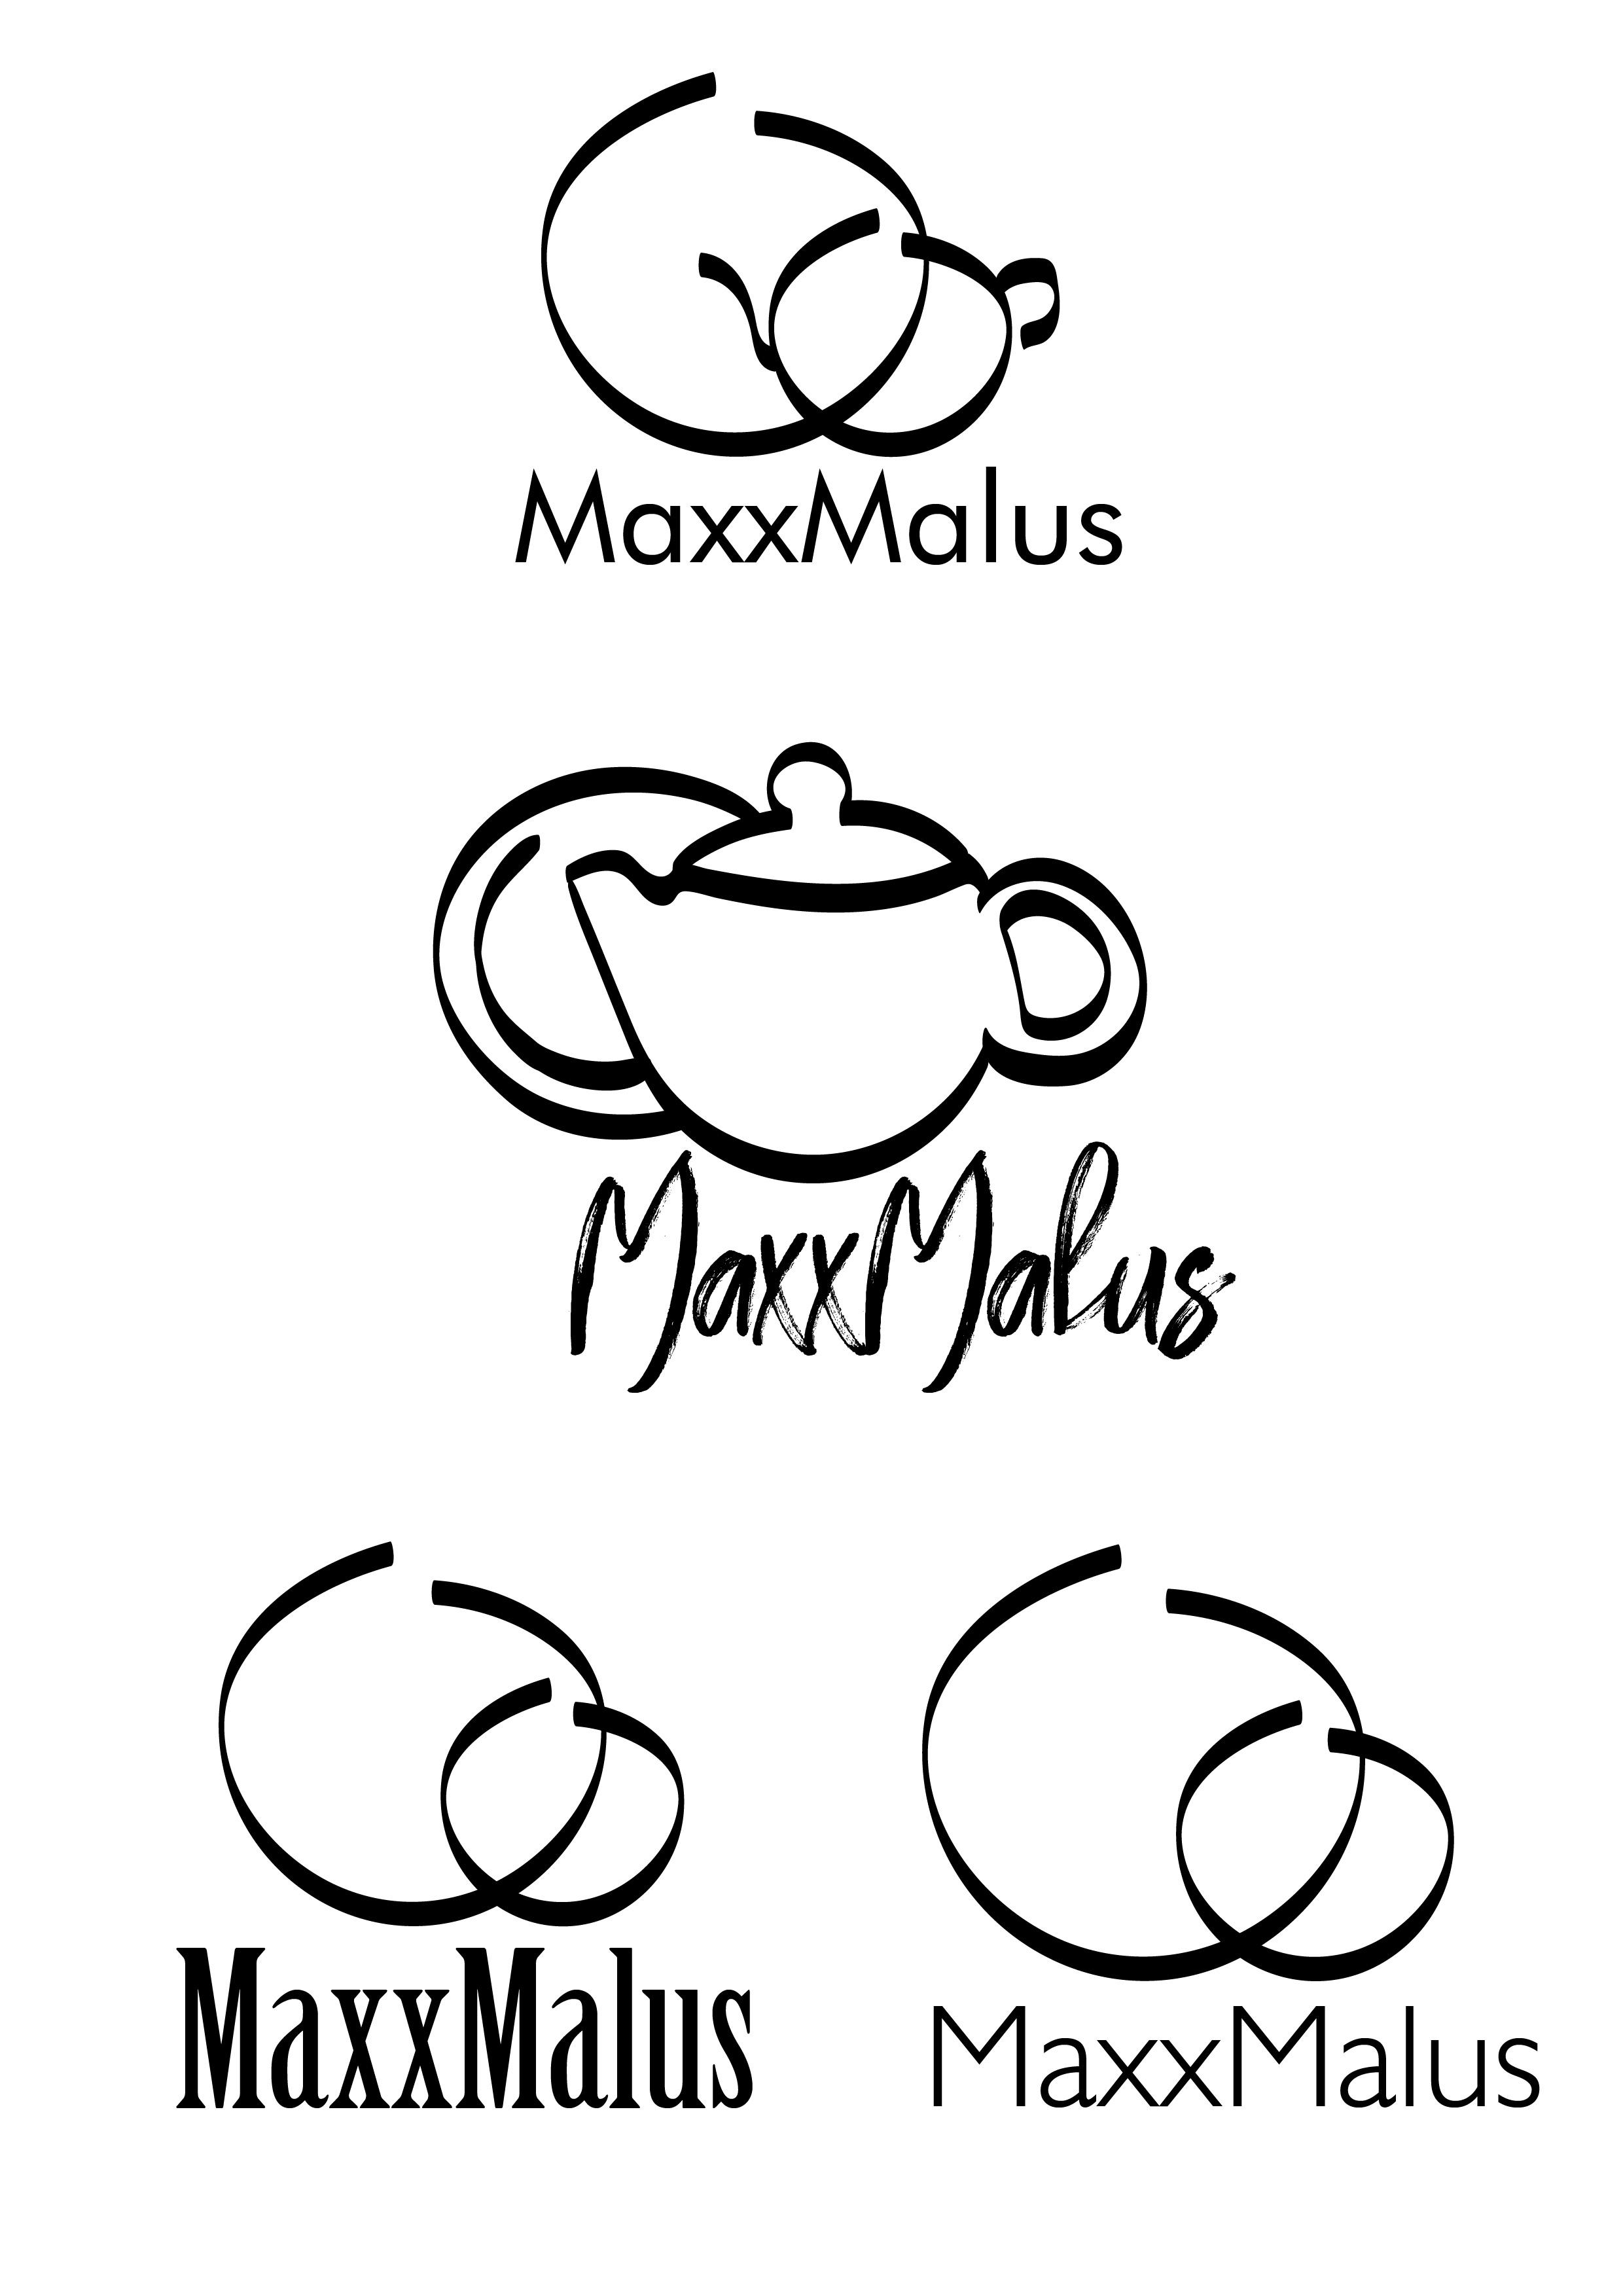 Логотип для нового бренда повседневной посуды фото f_3935ba3e6945e41a.jpg